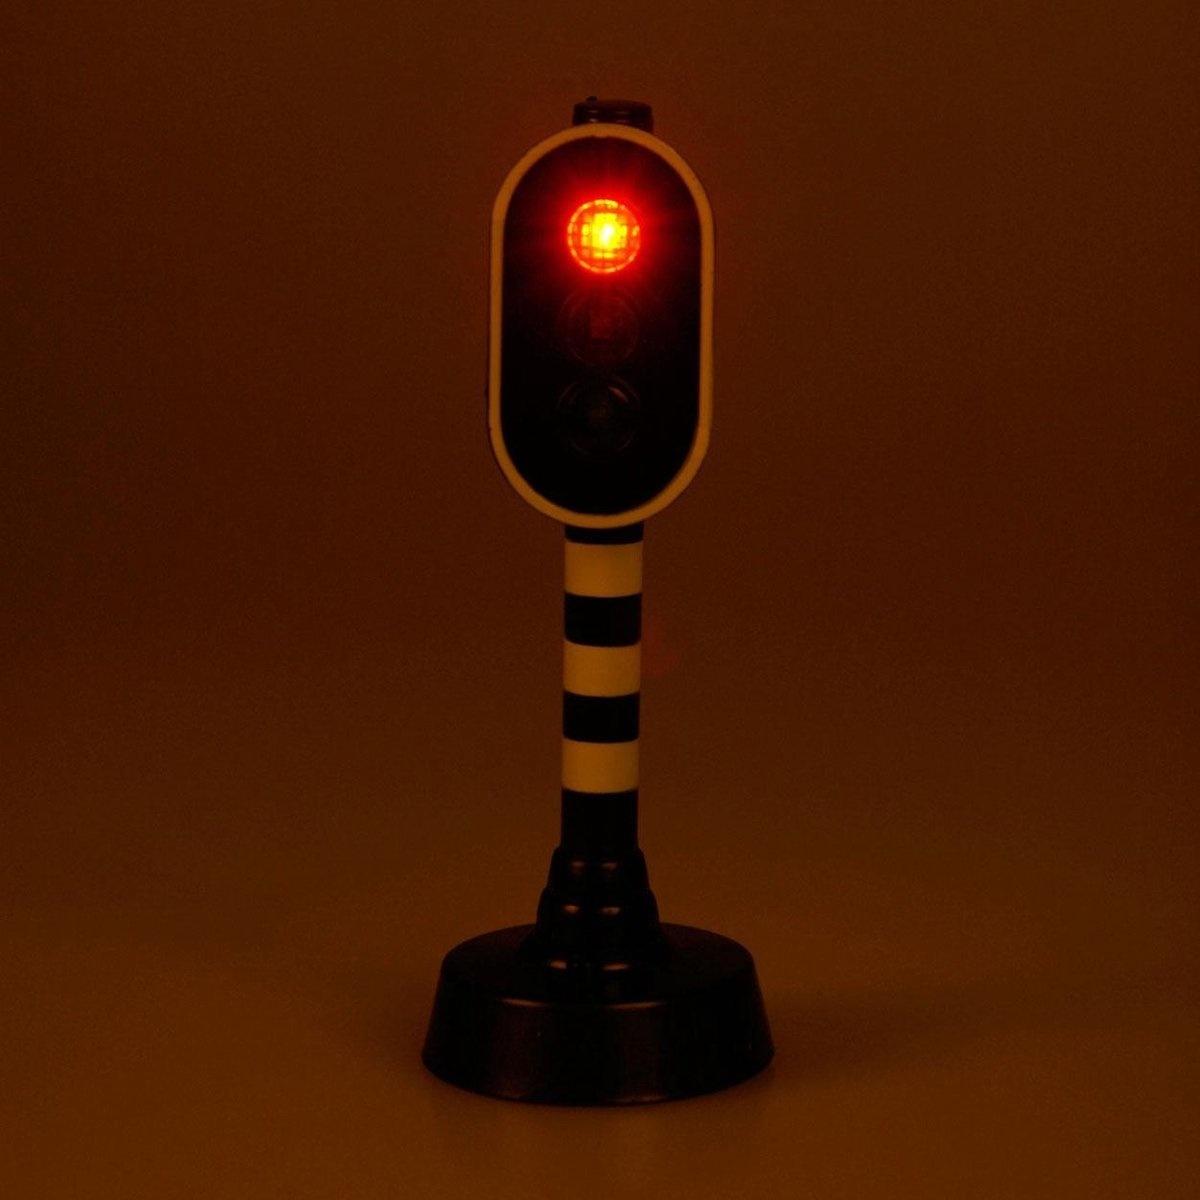 van Manen Kids Globe Stoplicht met licht - Speelfiguur: 12 cm